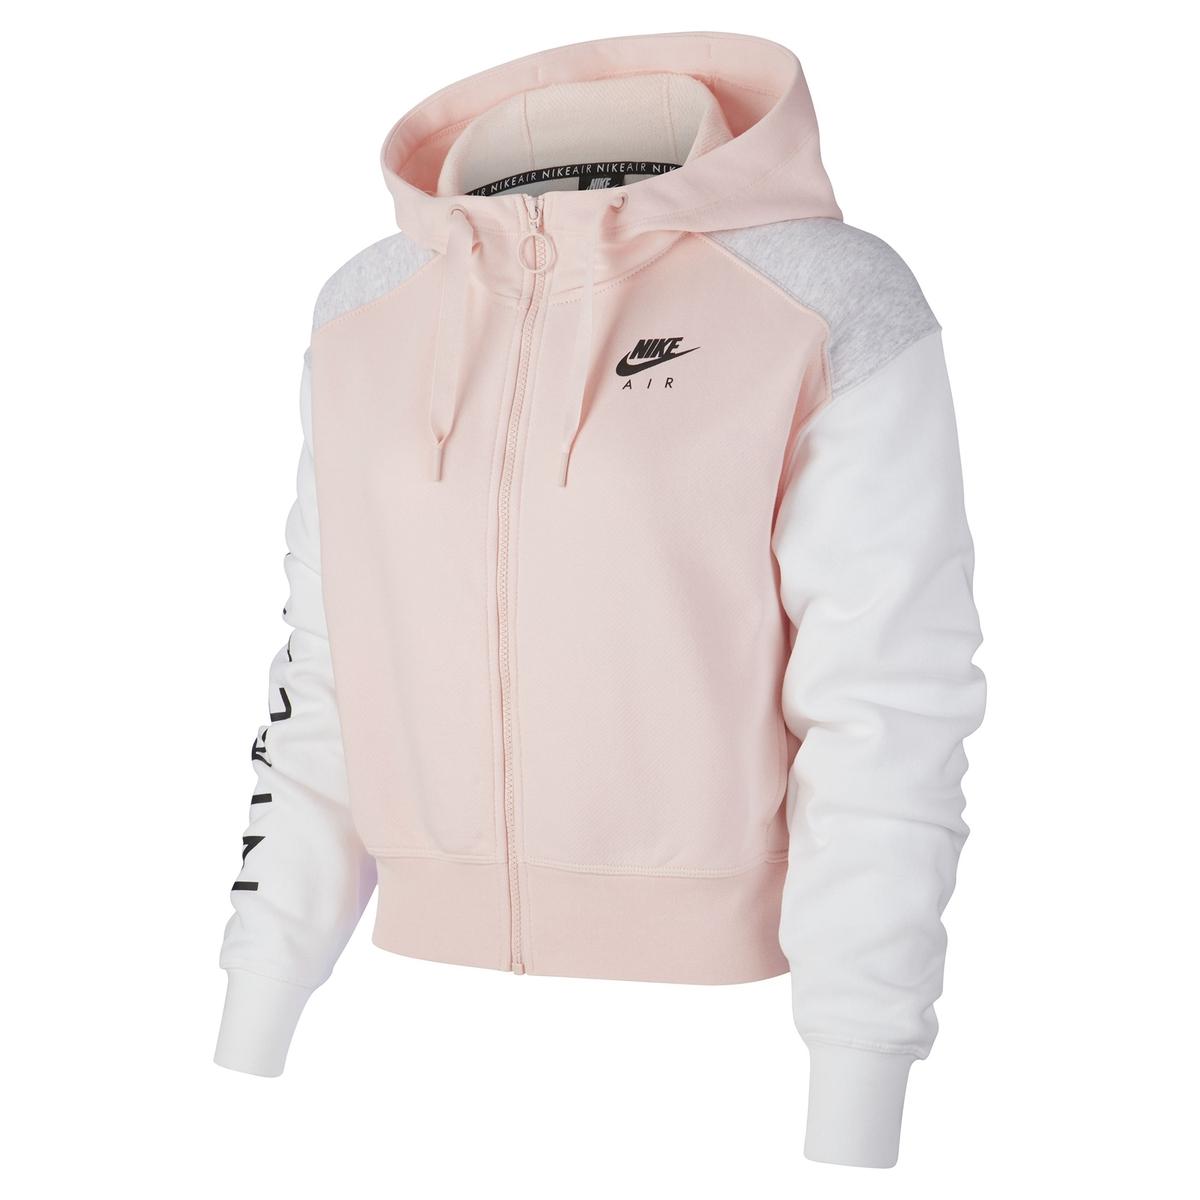 Sudadera con cuello alto y cremallera Nike Air Hoodie